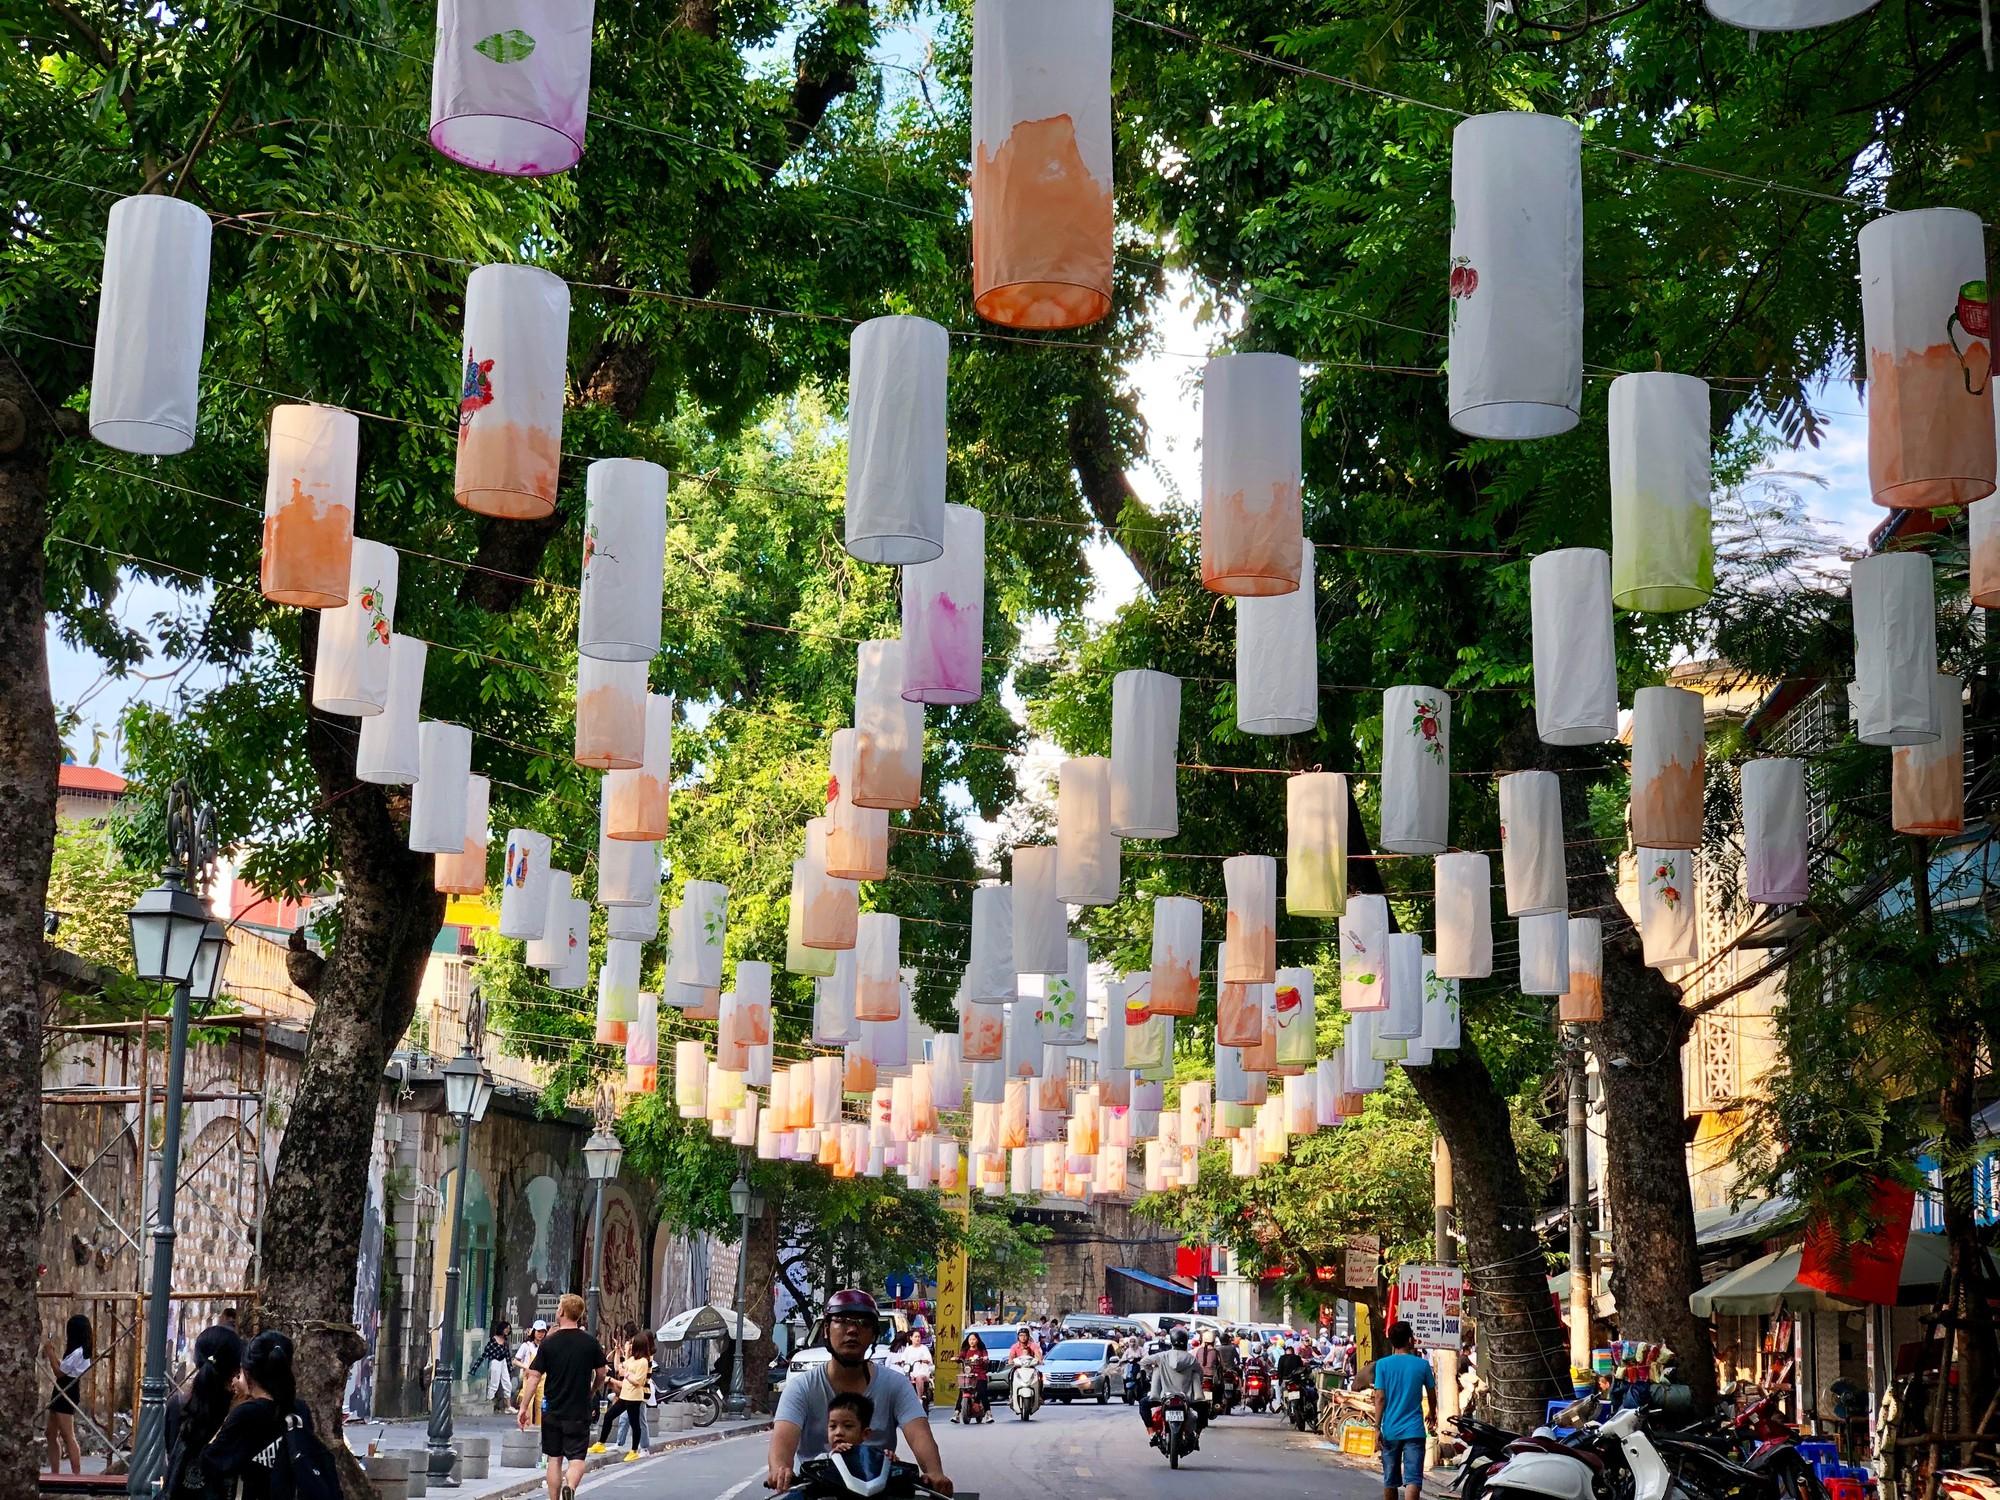 Bật mí loạt địa điểm hẹn hò lãng mạn cho các cặp đôi trong ngày Trung Thu tại Hà Nội  - Ảnh 2.